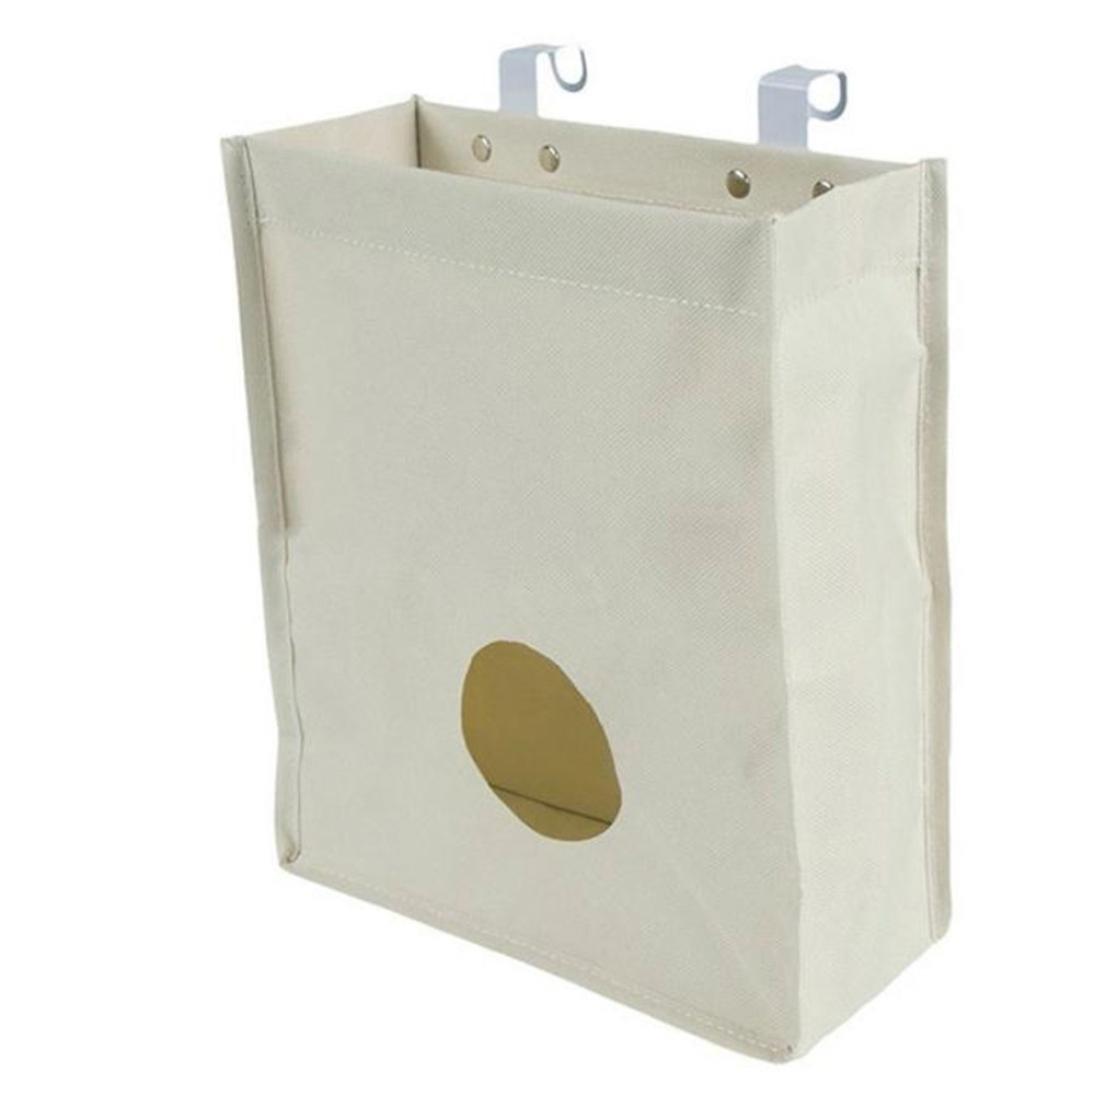 CompiaキッチンCupboard Garbage Hangingストレージバッグホーム浴室ホルダーオーガナイザー B0771FTJYZ ホワイト